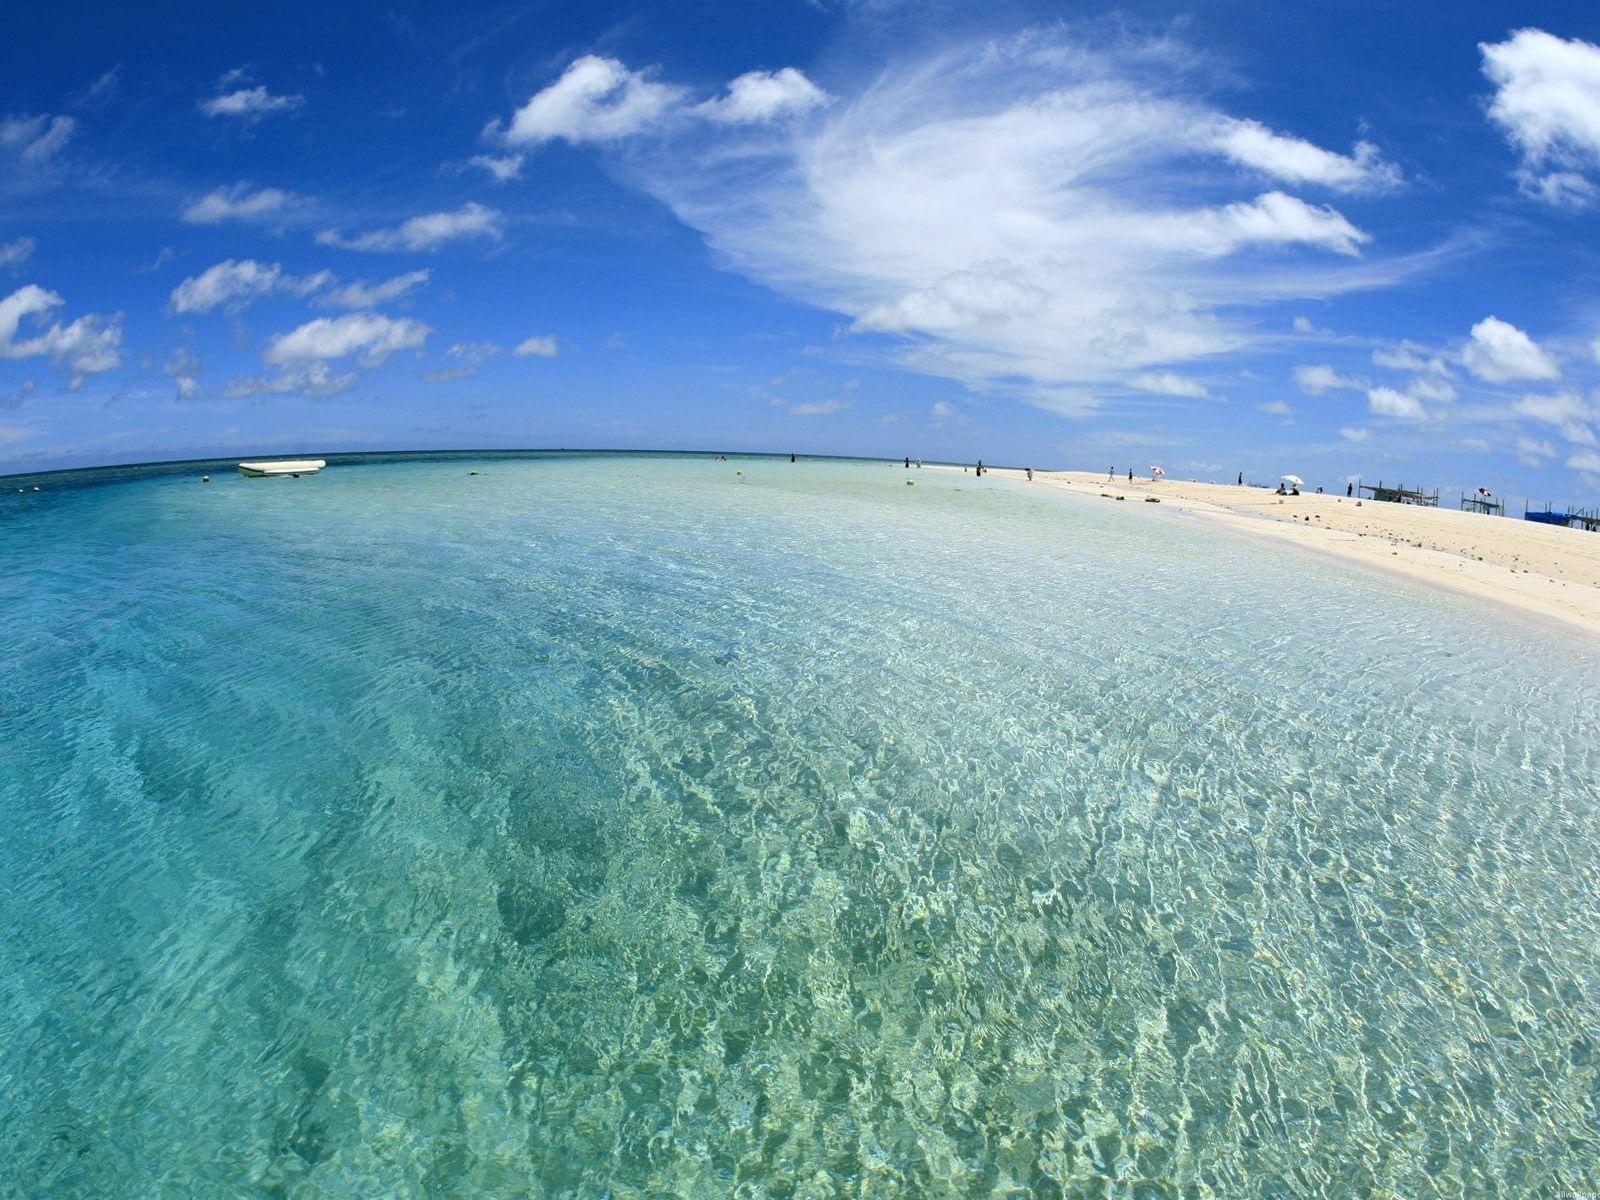 16958 скачать обои Пейзаж, Небо, Море, Облака, Пляж - заставки и картинки бесплатно